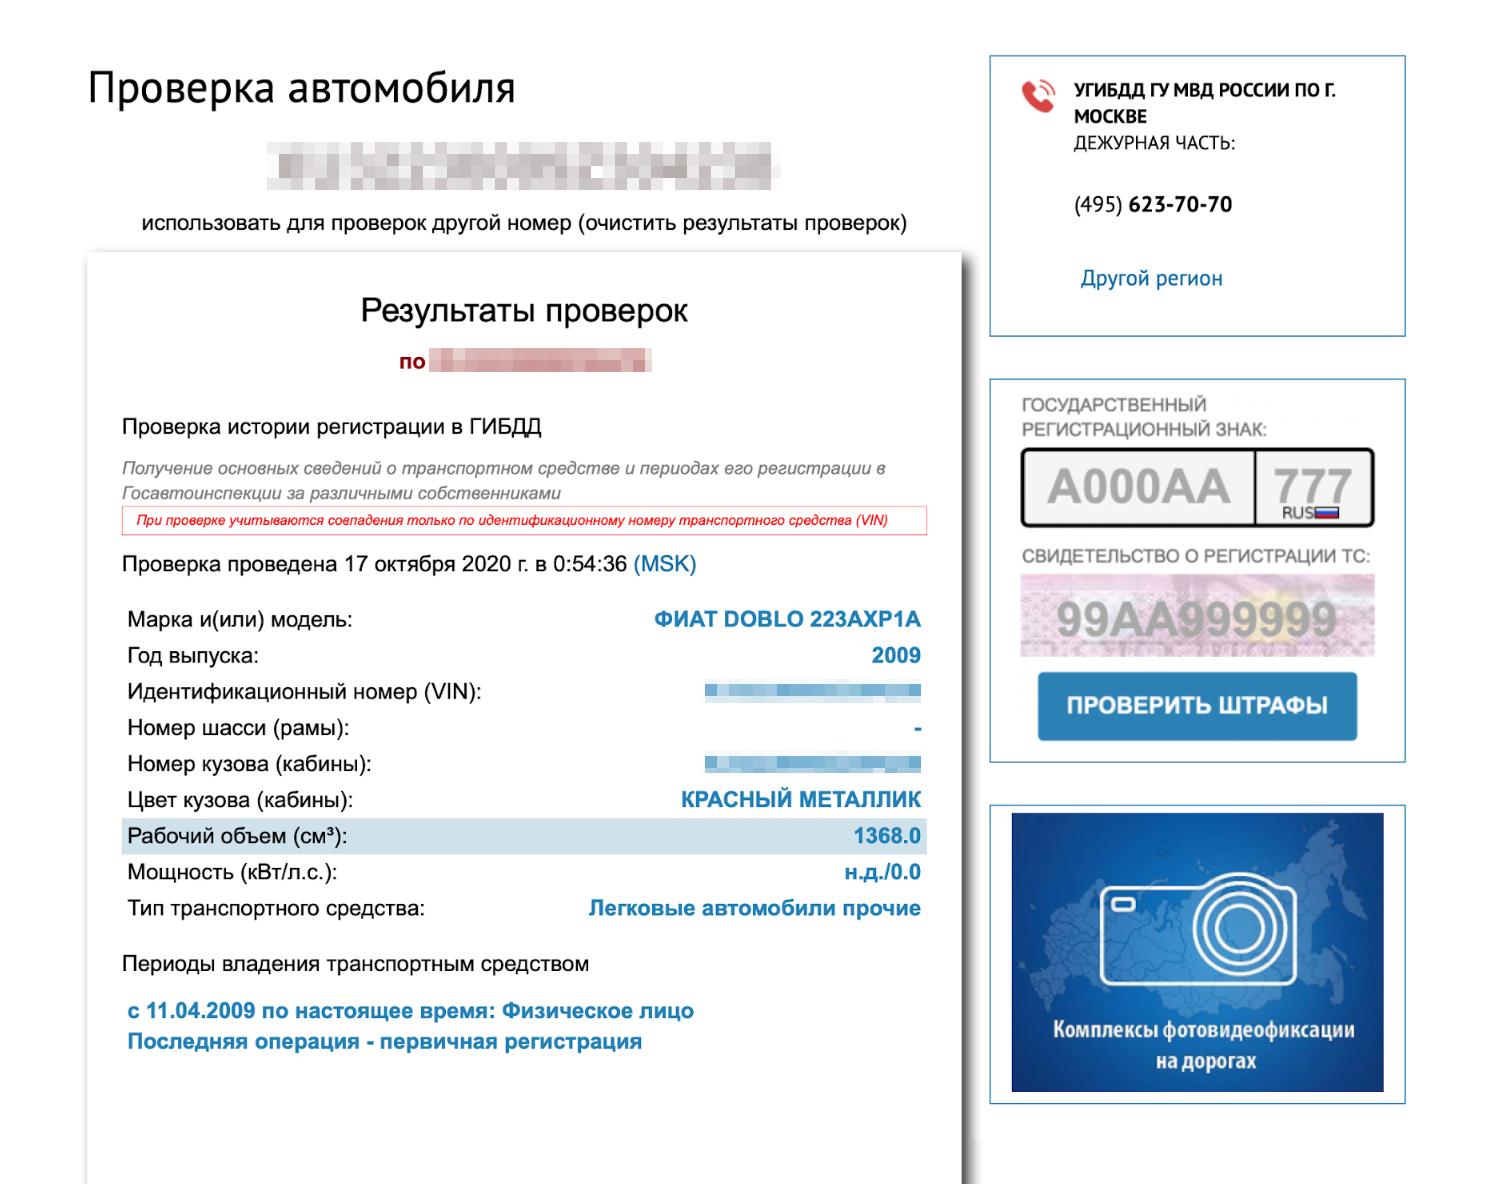 А это результаты проверки регистрации автомобиля на сайте Госавтоинспекции